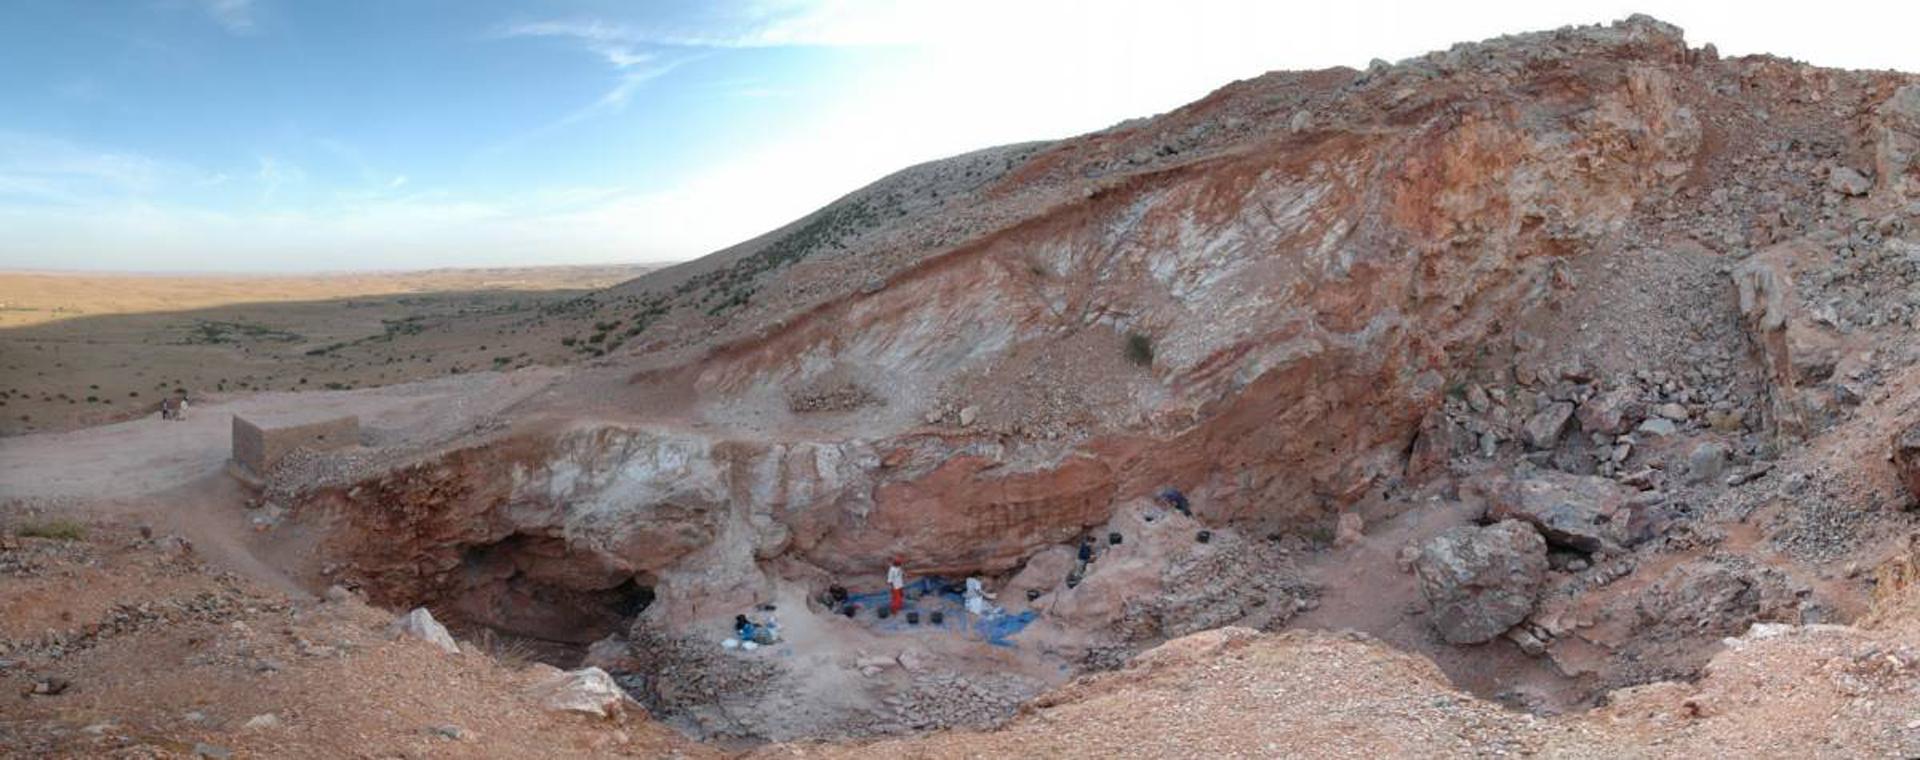 El yacimiento de Jebel Irhoud, en Marruecos